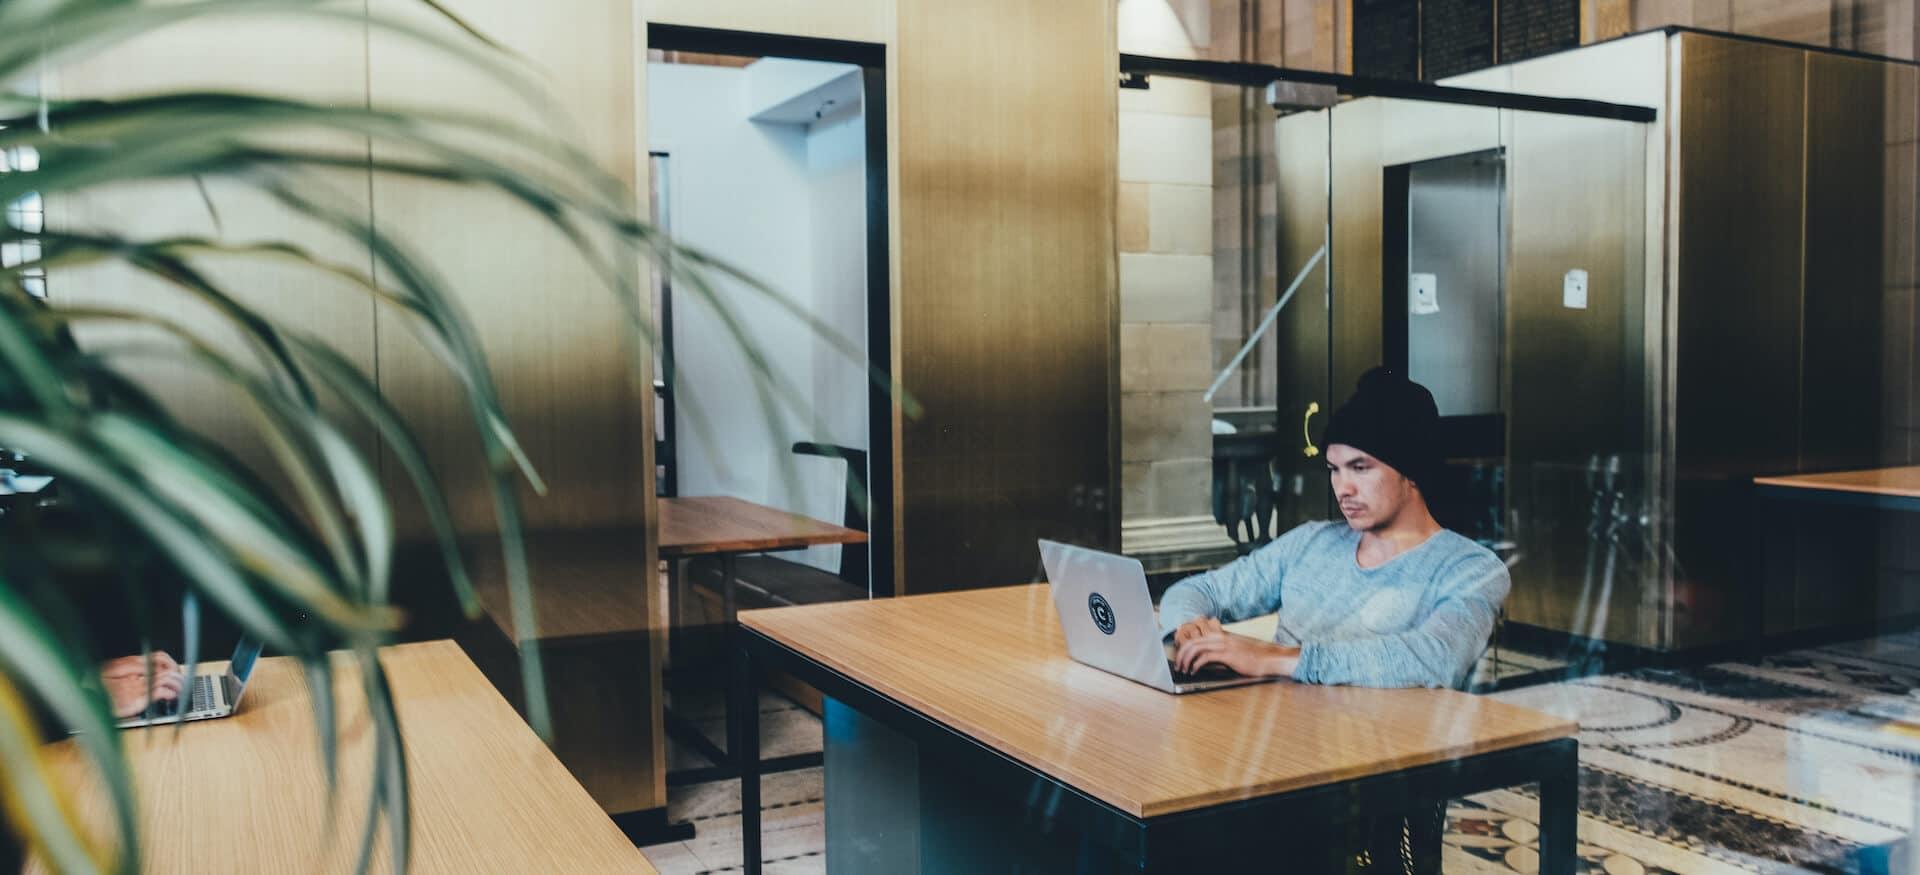 Mikroökonomie Online-Kurs